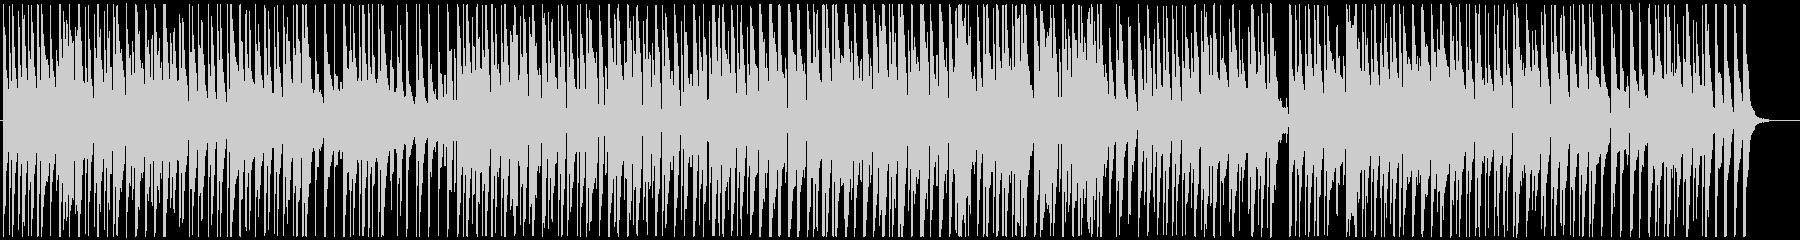 ほのぼのコミカルな曲の未再生の波形